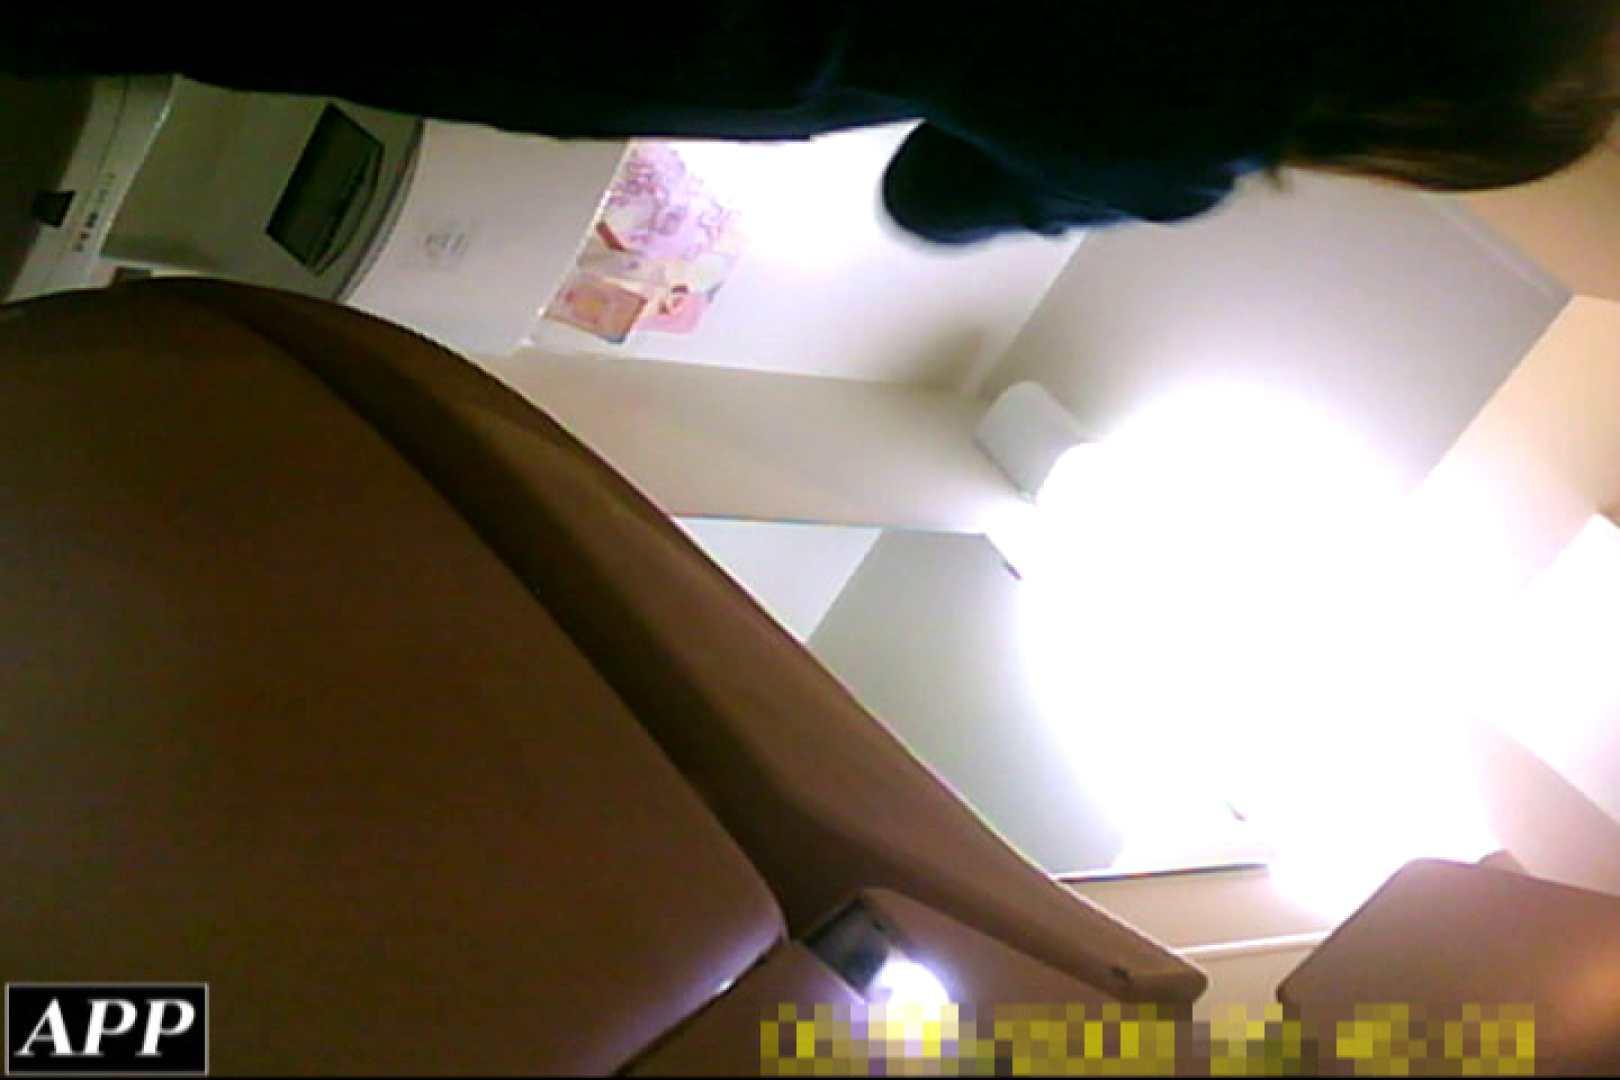 3視点洗面所 vol.61 色っぽいOL達 おまんこ動画流出 82pic 74